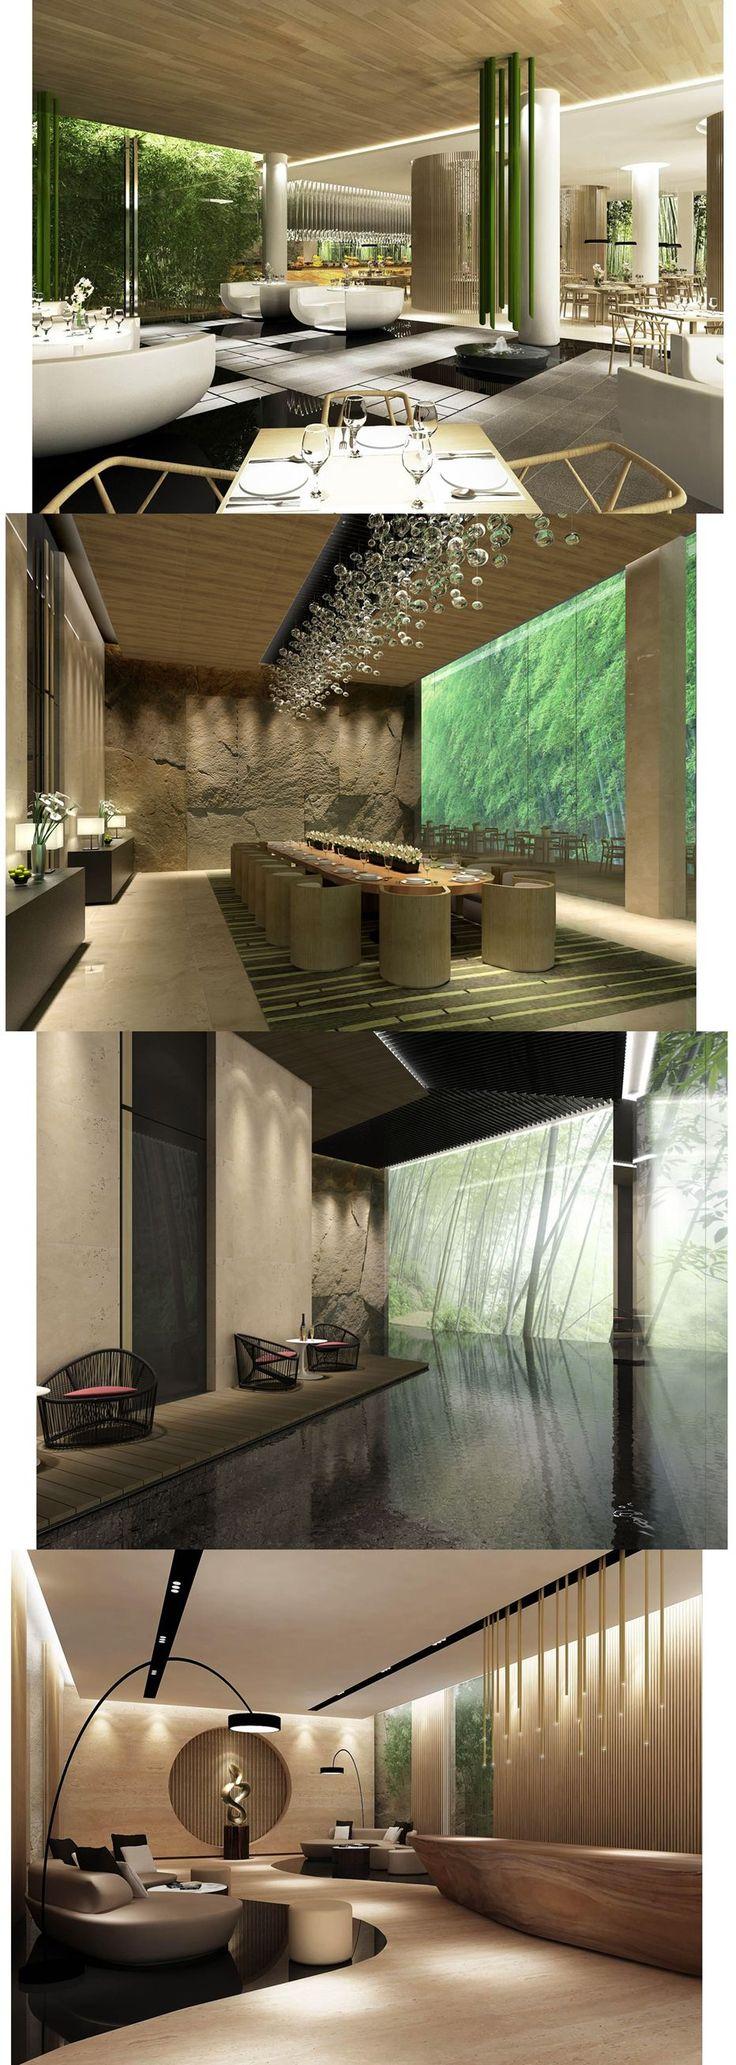 Hotel Room Designs: 408b476df4cc69472582d061704108d6.jpg 932×2,615 Pixels